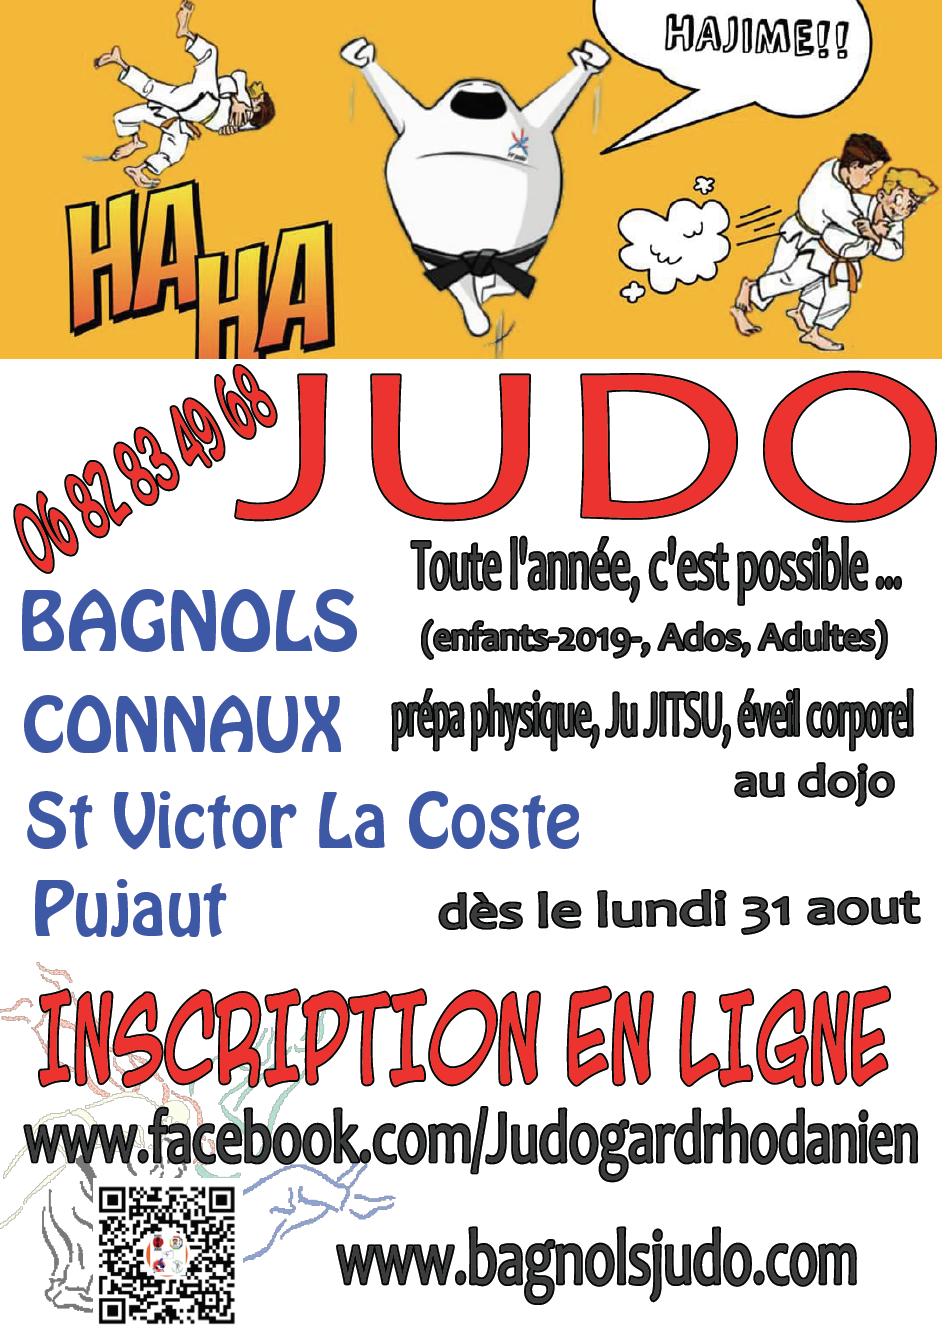 Reprise saison 2020/2021 Inscription OBLIGATOIRE EN LIGNE ( Cause COVID-19)